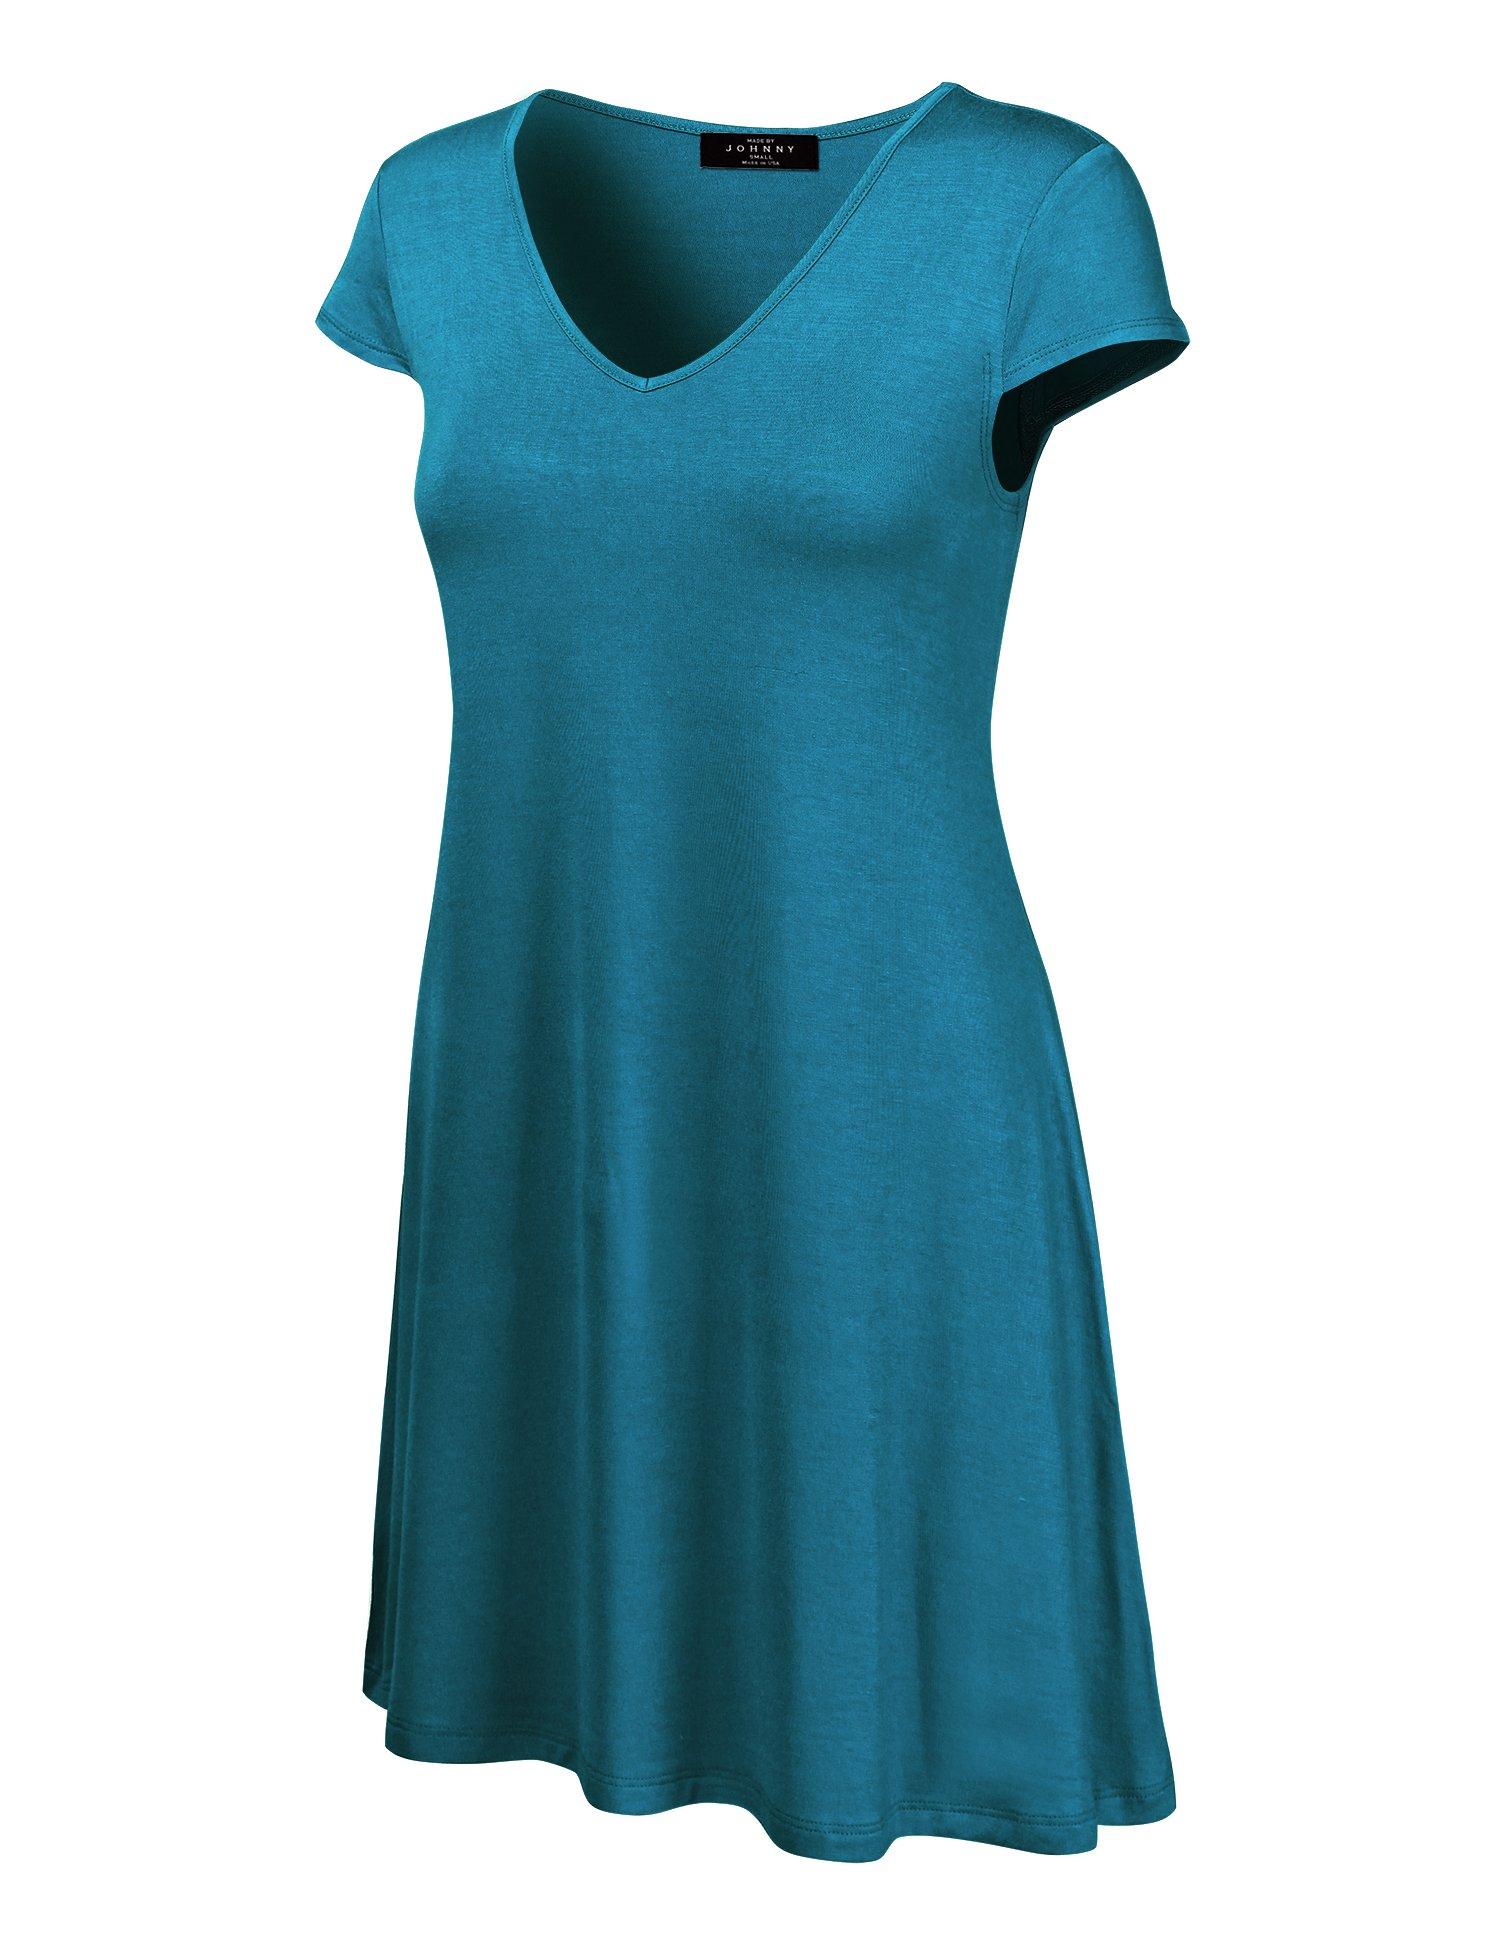 WDR1068 Womens Sleeve Shirt Dress